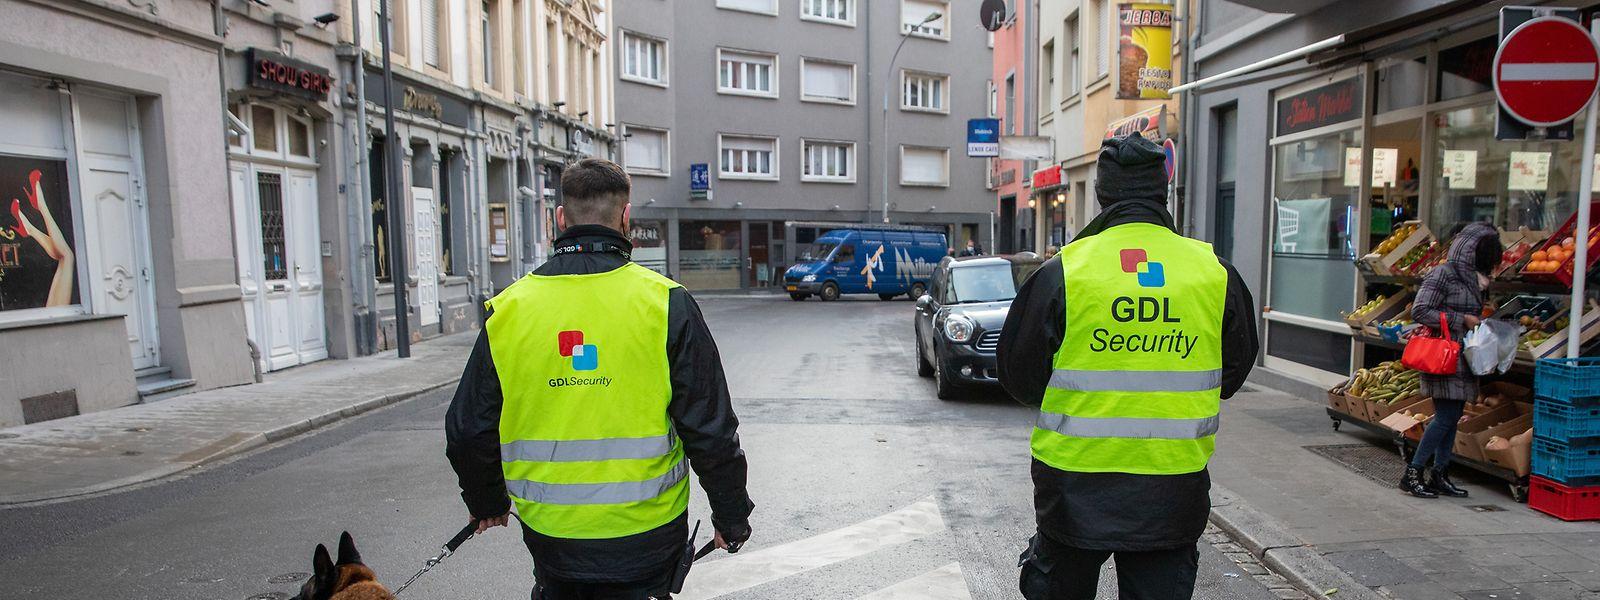 Seit dem 1. Dezember patrouillieren im Bahnhofsviertel private Wachleute.